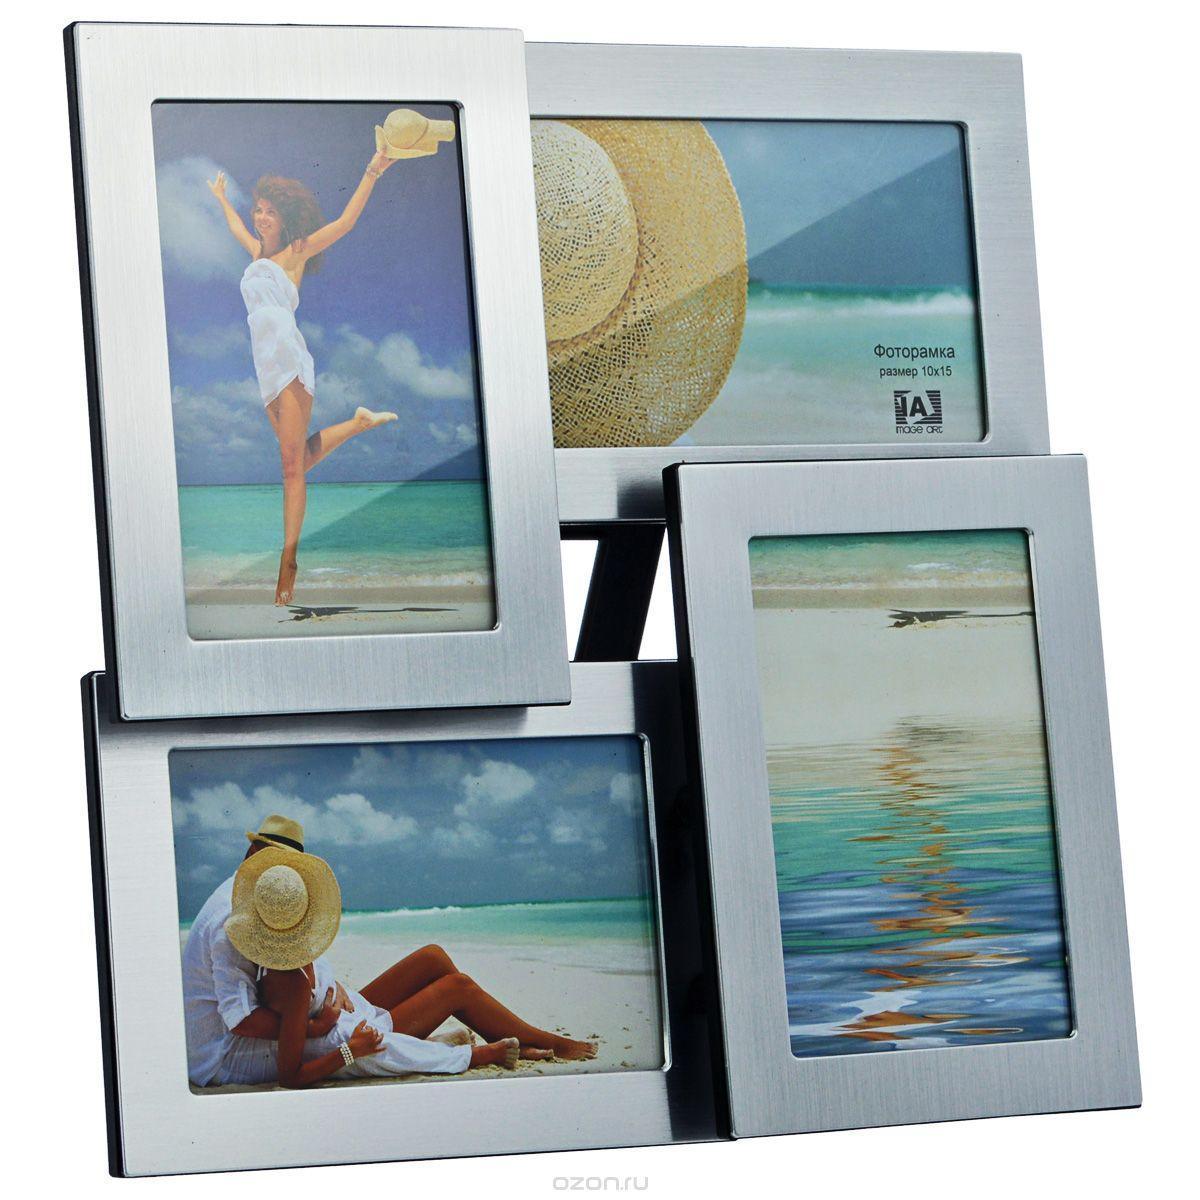 Фоторамка Image Art, цвет: серебристый, на 4 фото, 10 см х 15 см. 5055398692738UP210DFФоторамка-коллаж Image Art - прекрасный способ красиво оформить ваши фотографии. Изделие рассчитано на 4 фотграфии. Фоторамка выполнена из алюминия и пластика и защищена стеклом. Фоторамку можно поставить на стол или подвесить на стену, для чего с задней стороны предусмотрены специальные отверстия. Такая фоторамка поможет сохранить на память самые яркие моменты вашей жизни, а стильный дизайн сделает ее прекрасным дополнением интерьера интерьера.